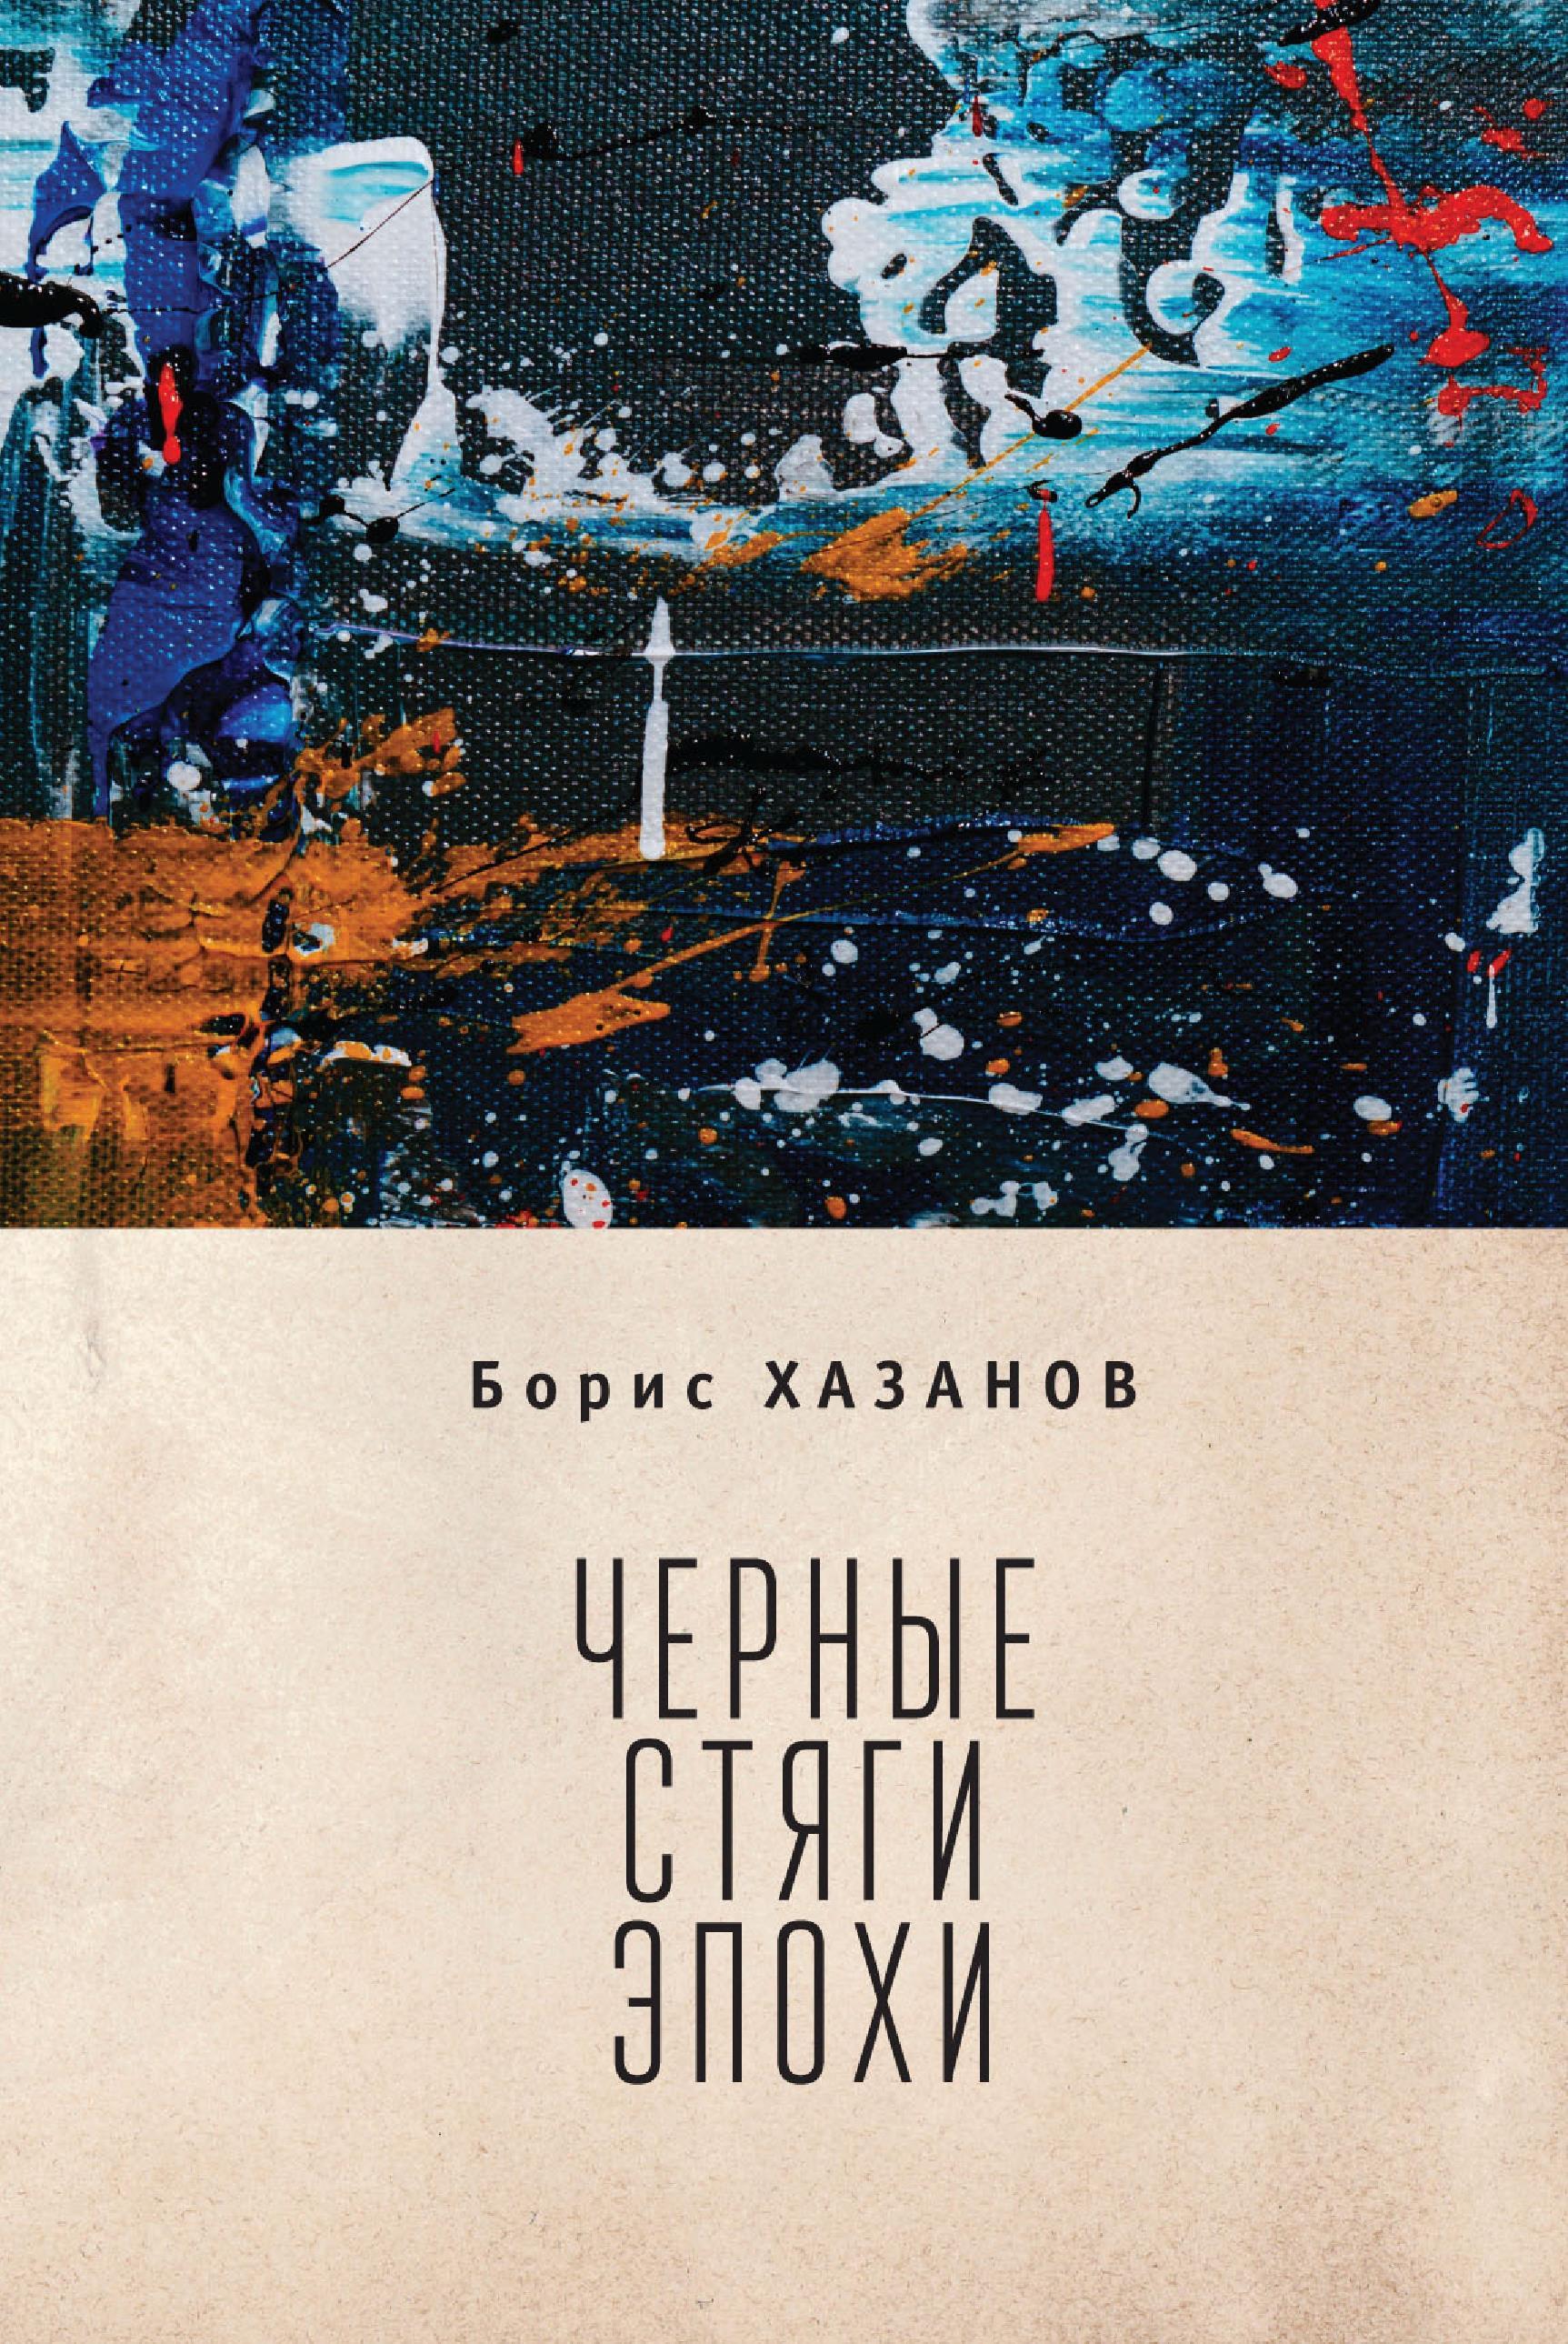 цена на Борис Хазанов Черные стяги эпохи